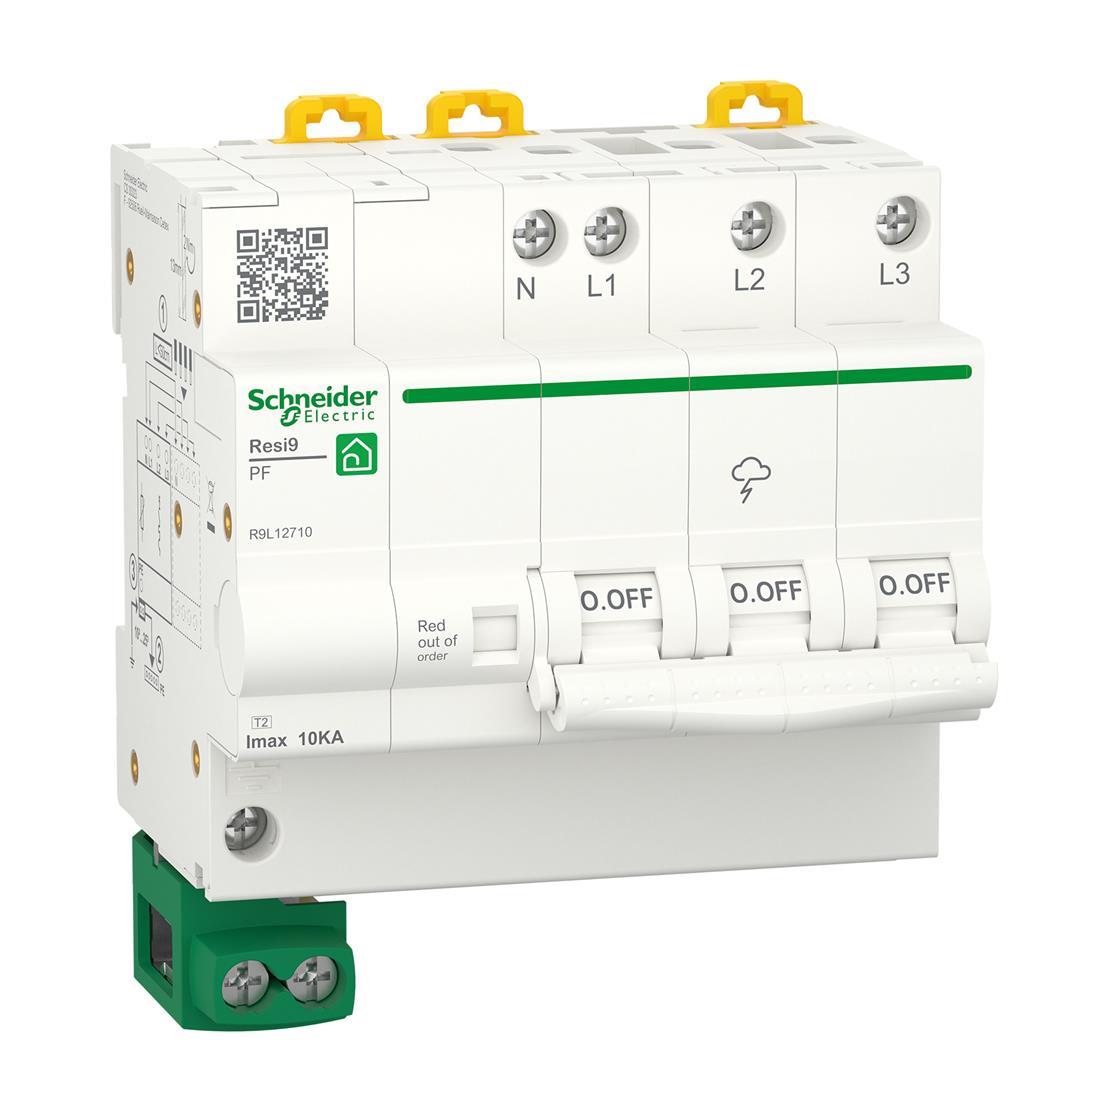 Schneider Electric overspanningsbeveiliging 3-polig+nul (R9L12710)